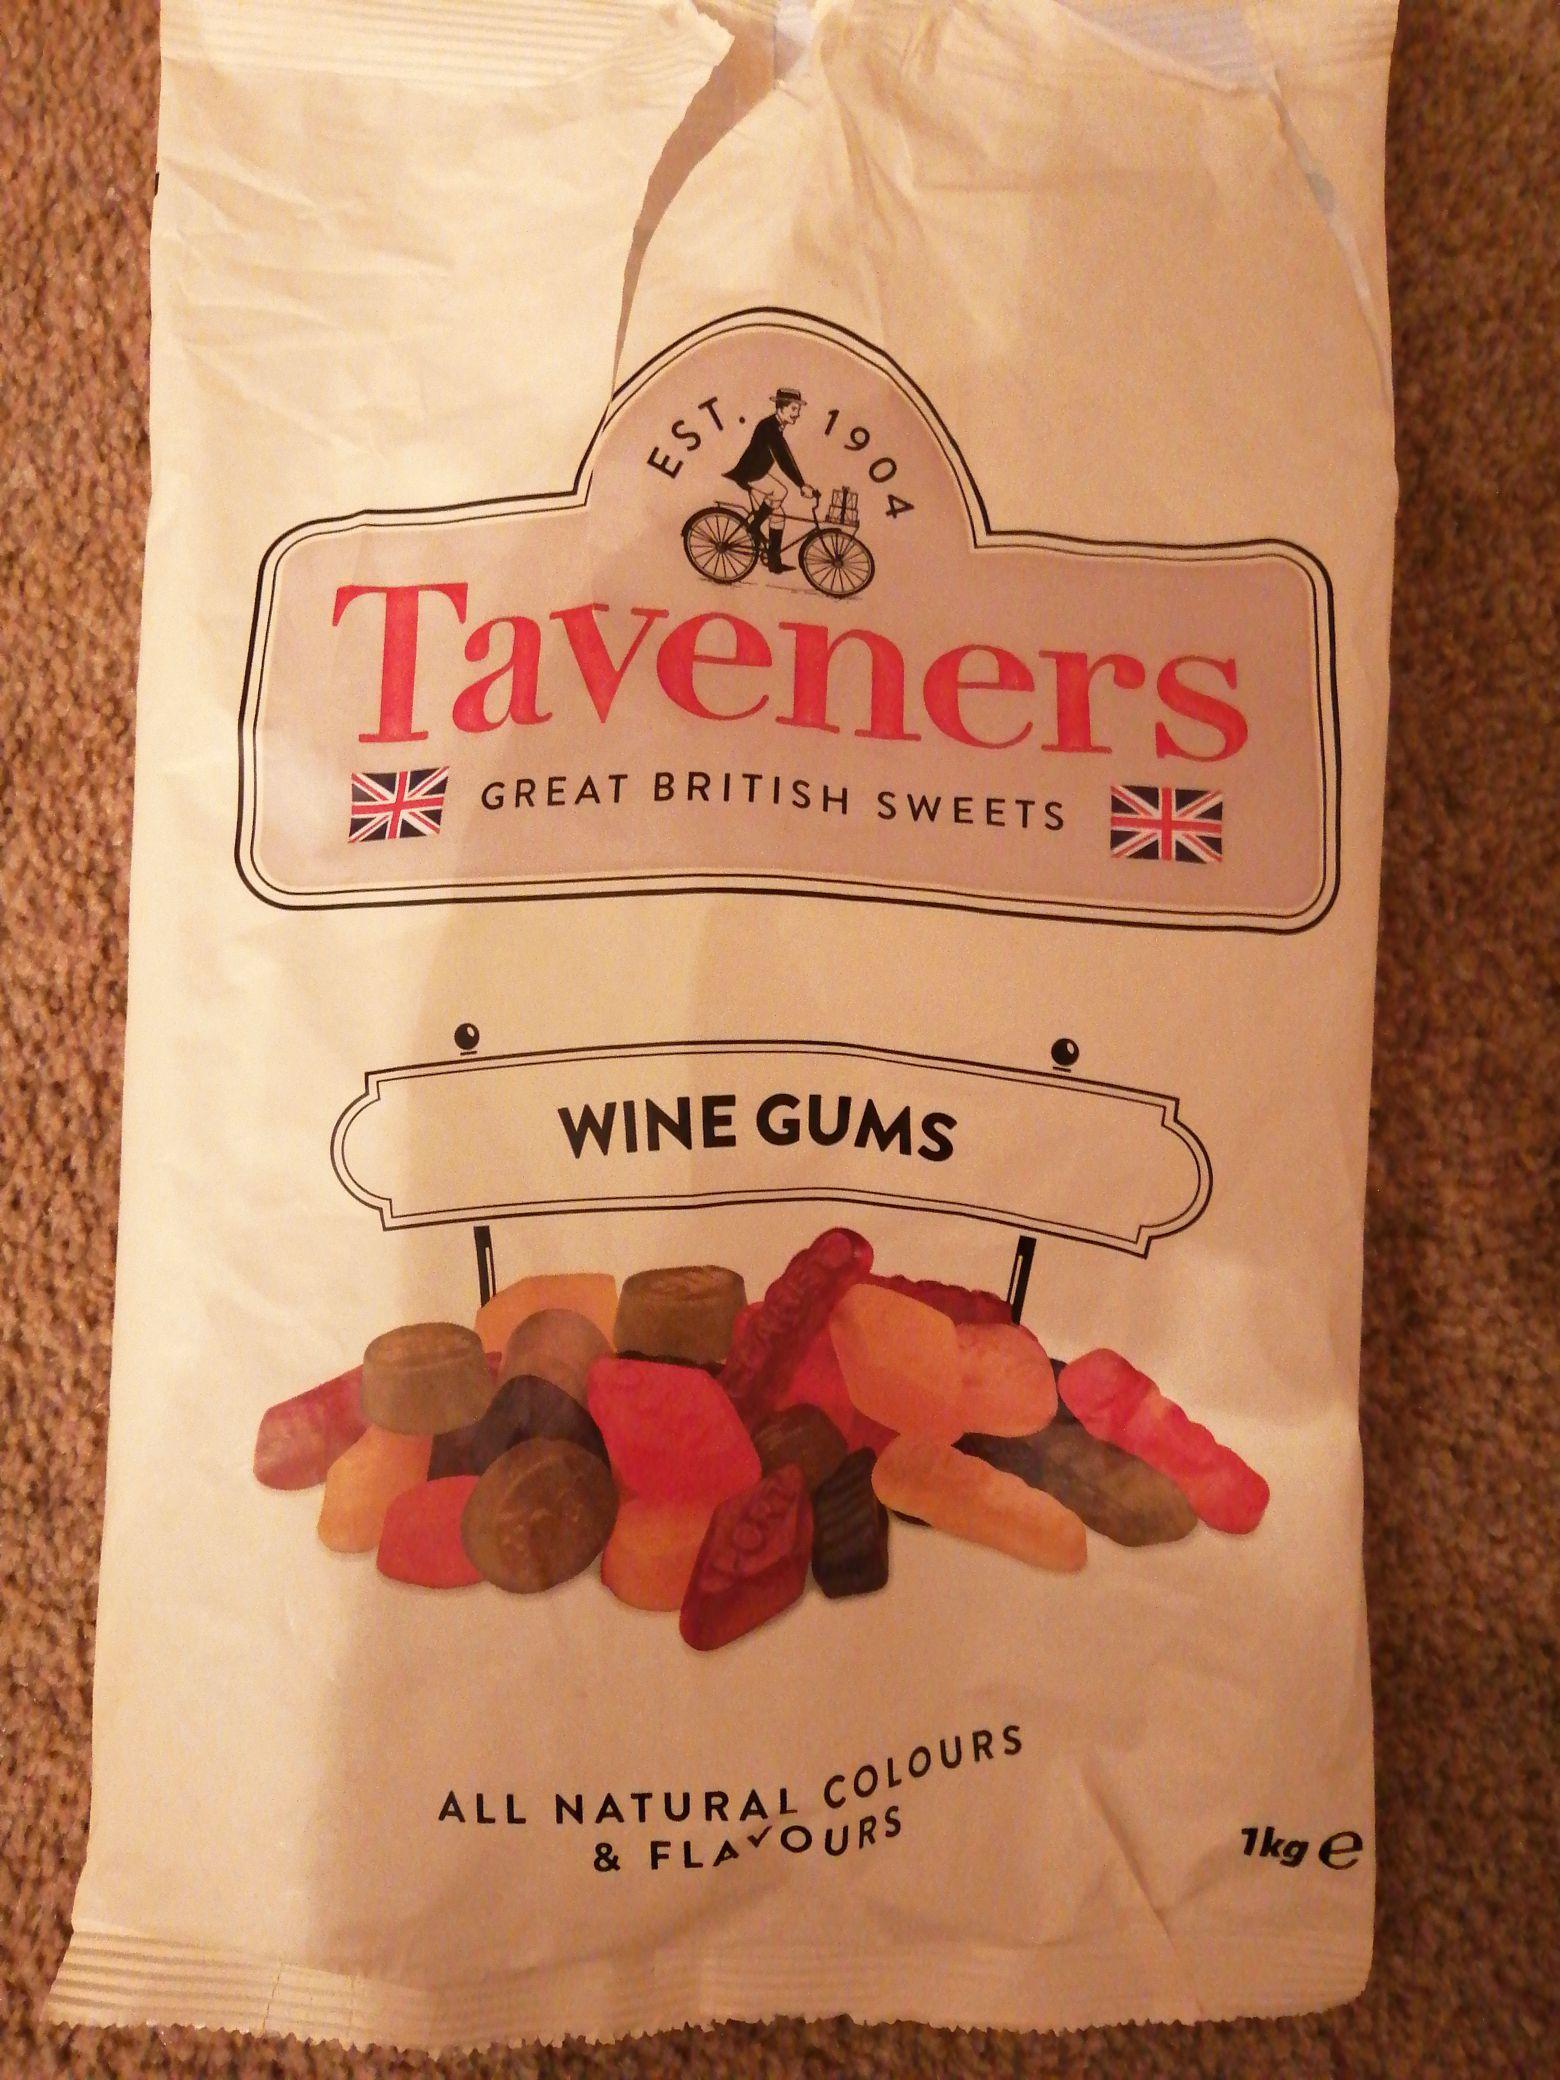 Taveners wine gums 1kg bag £1.99 - Home Bargains